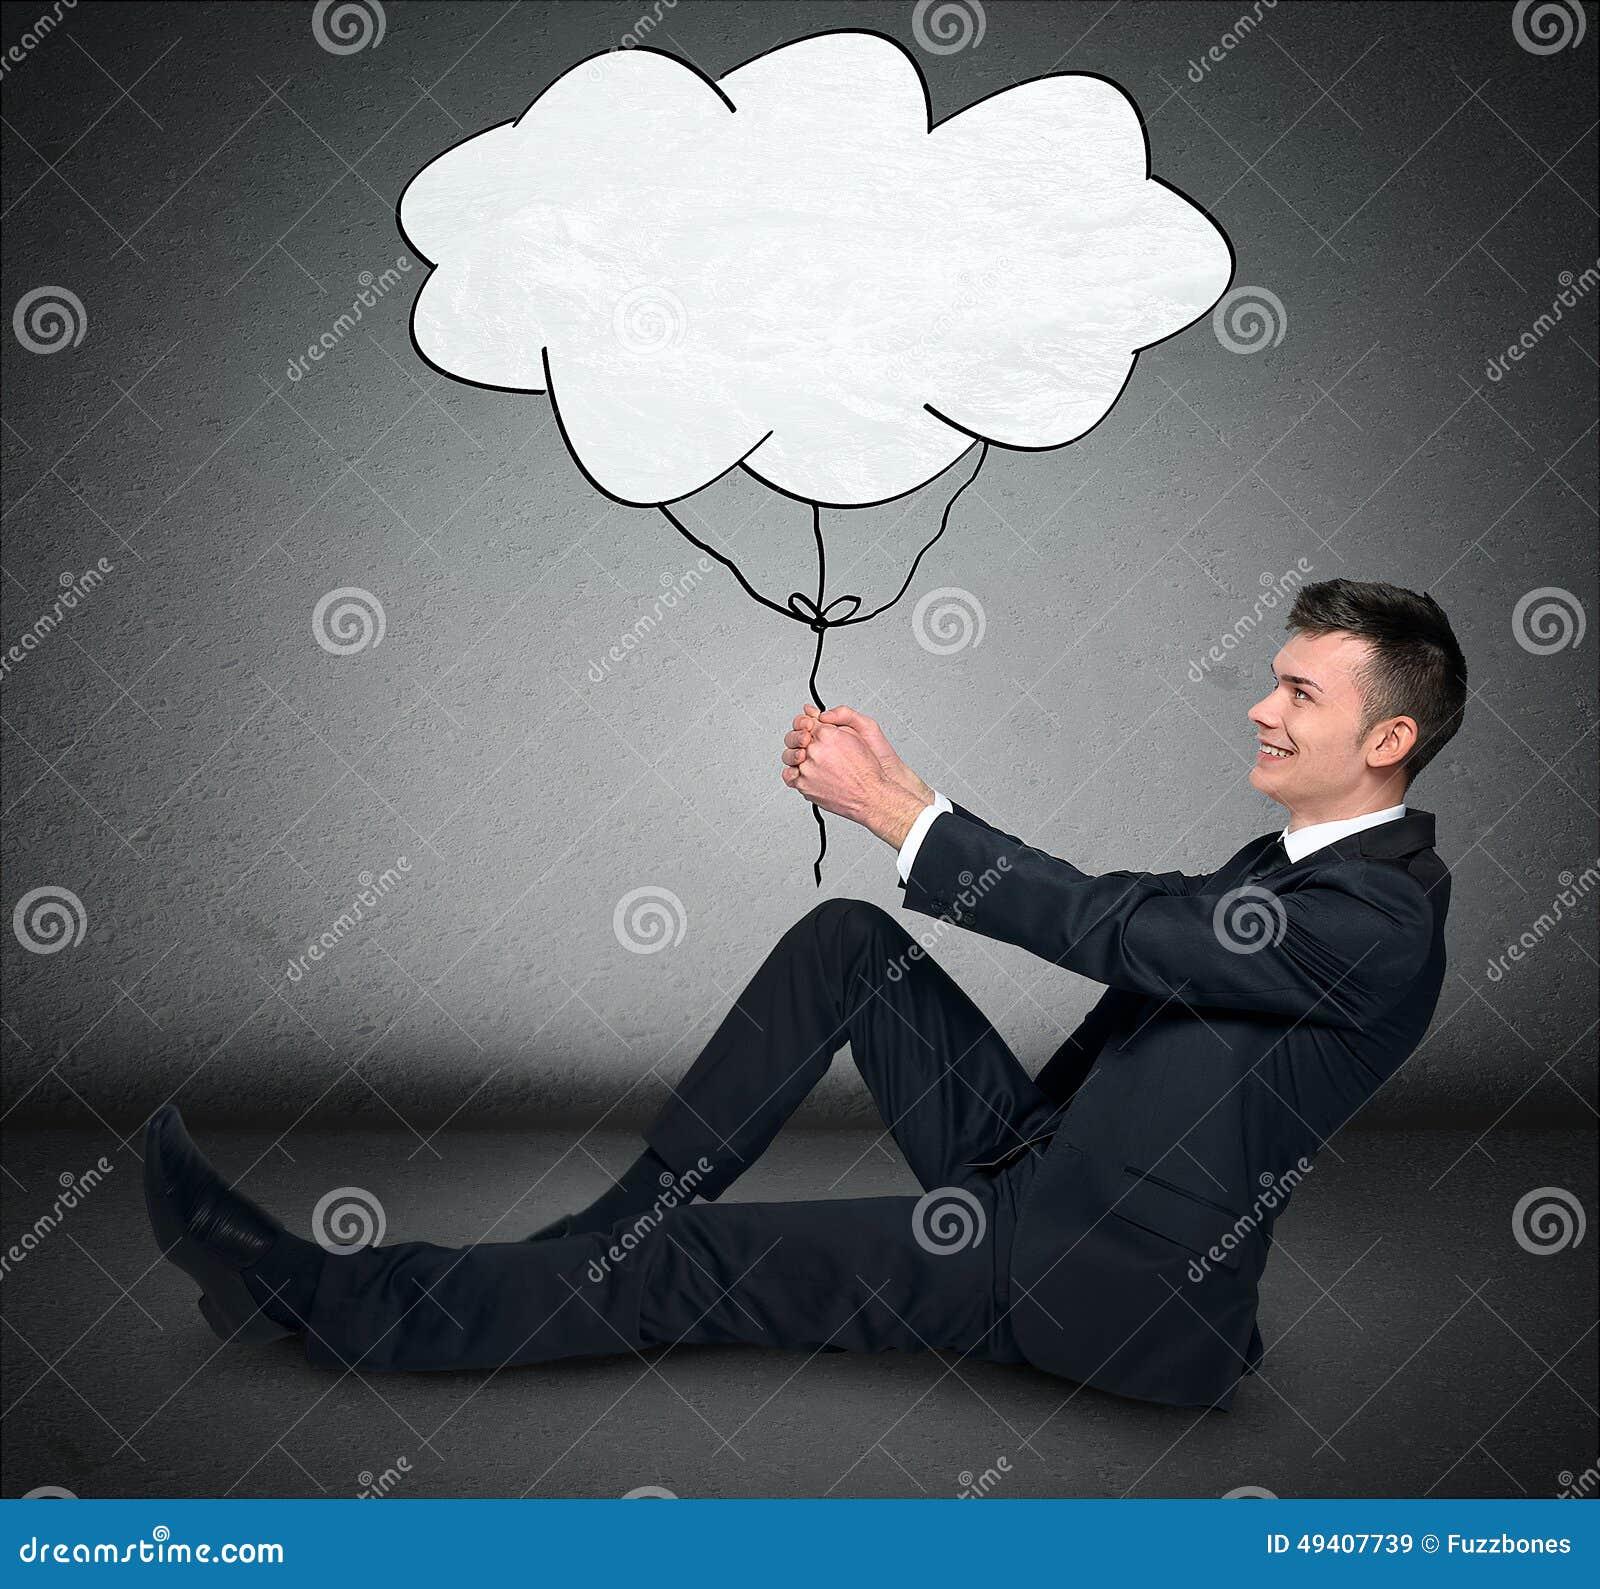 Download Geschäftsmann und Wolke stockbild. Bild von traum, kommunikation - 49407739